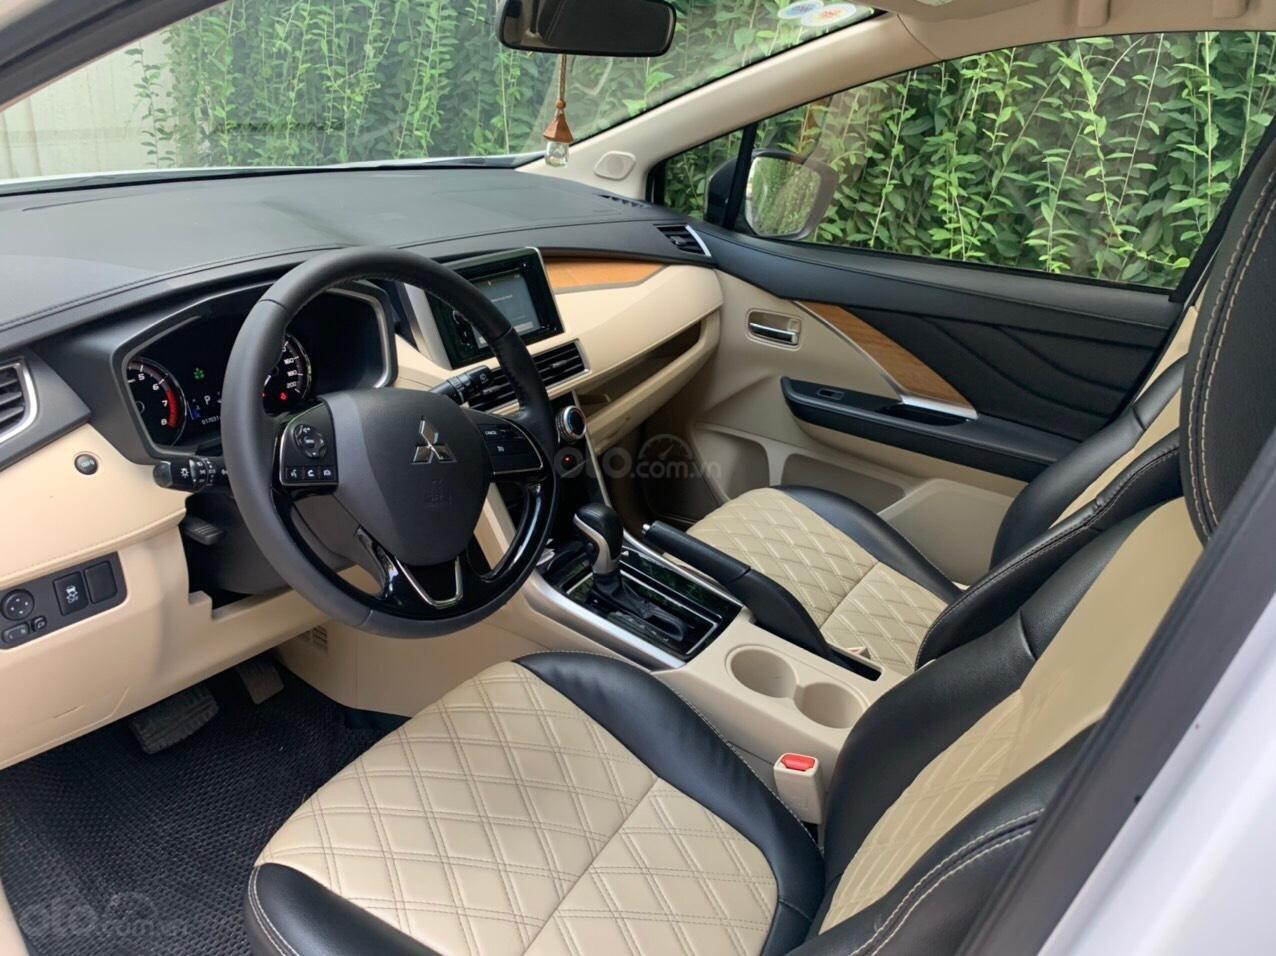 Bán nhanh chiếc Mitsubishi Xpander đời 2019, màu trắng, giá mềm giao nhanh (5)